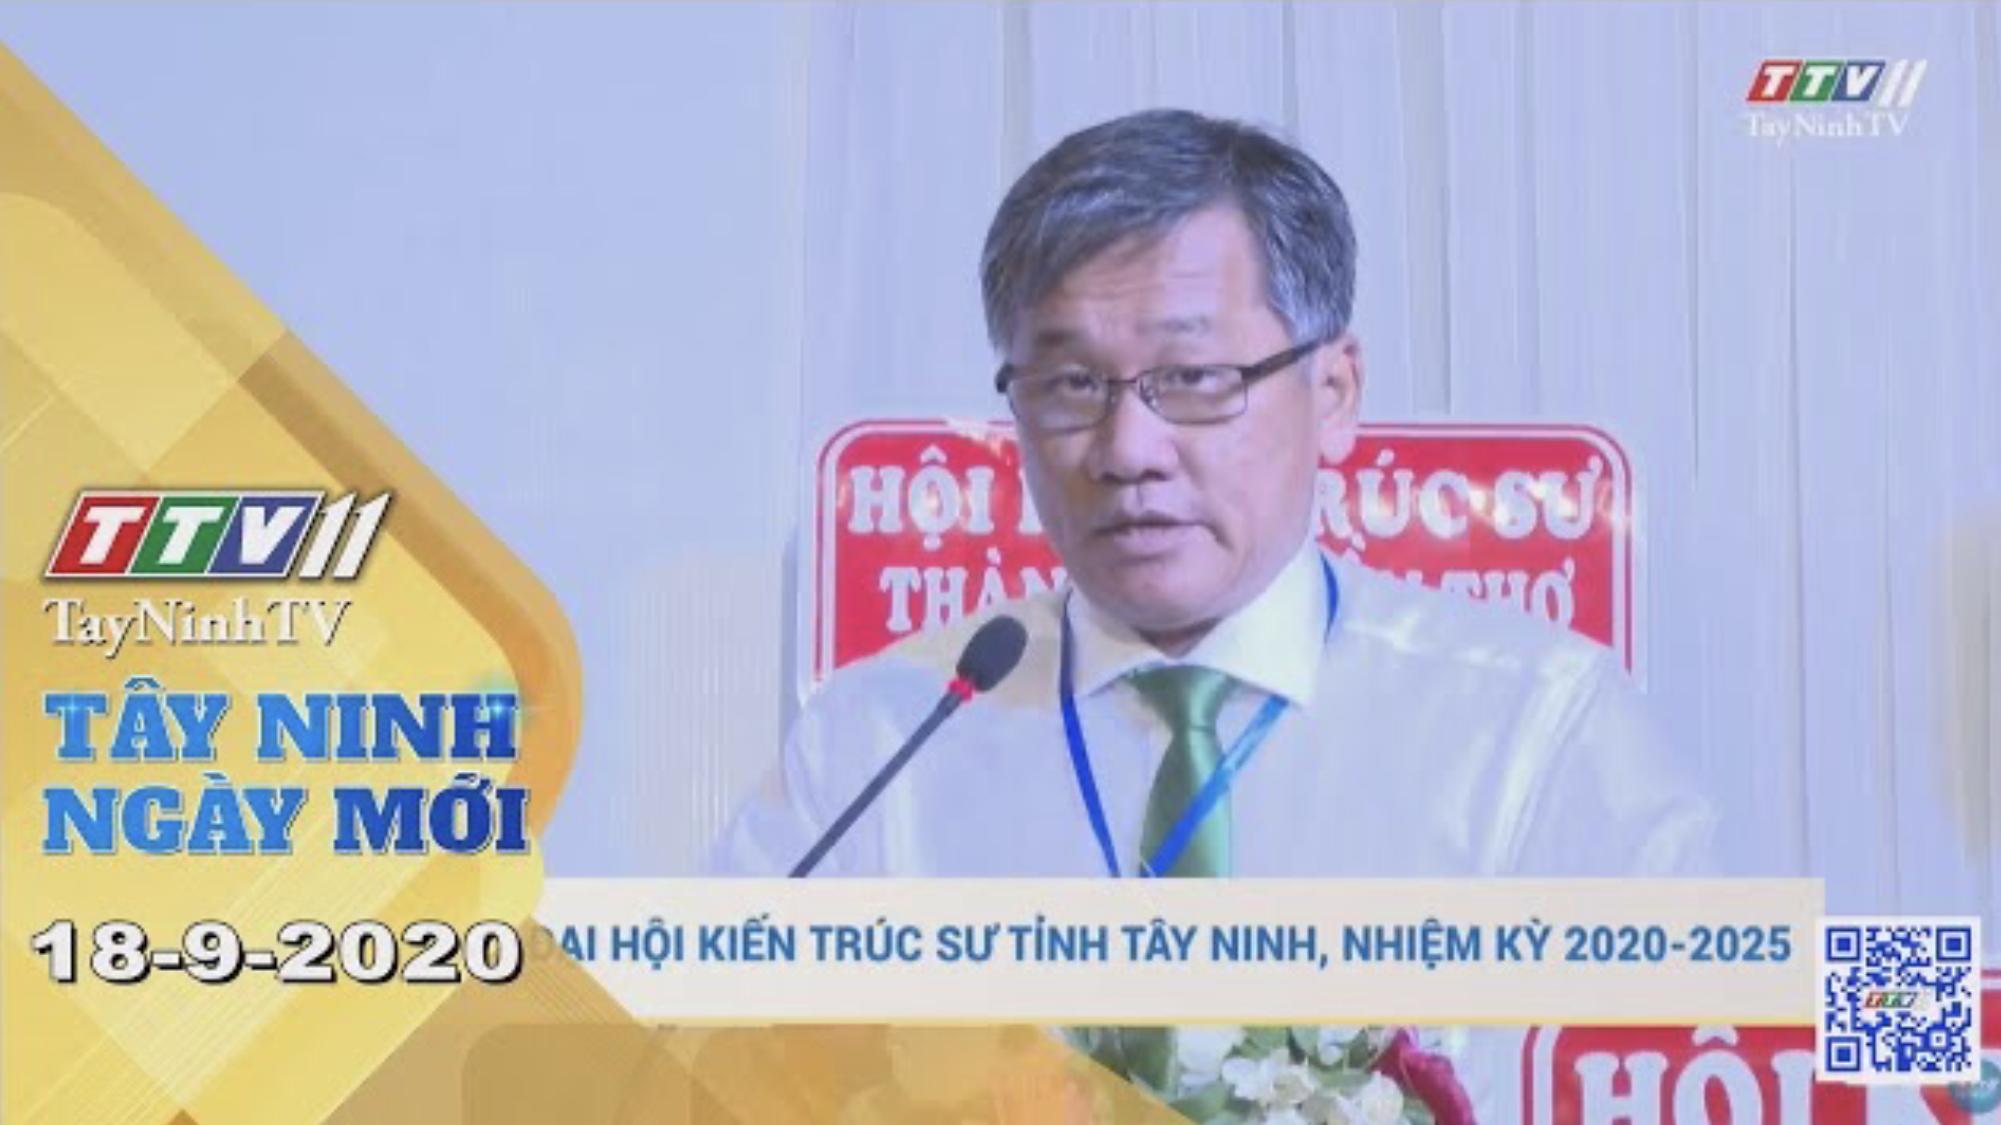 Tây Ninh Ngày Mới 18-9-2020 | Tin tức hôm nay | TayNinhTV